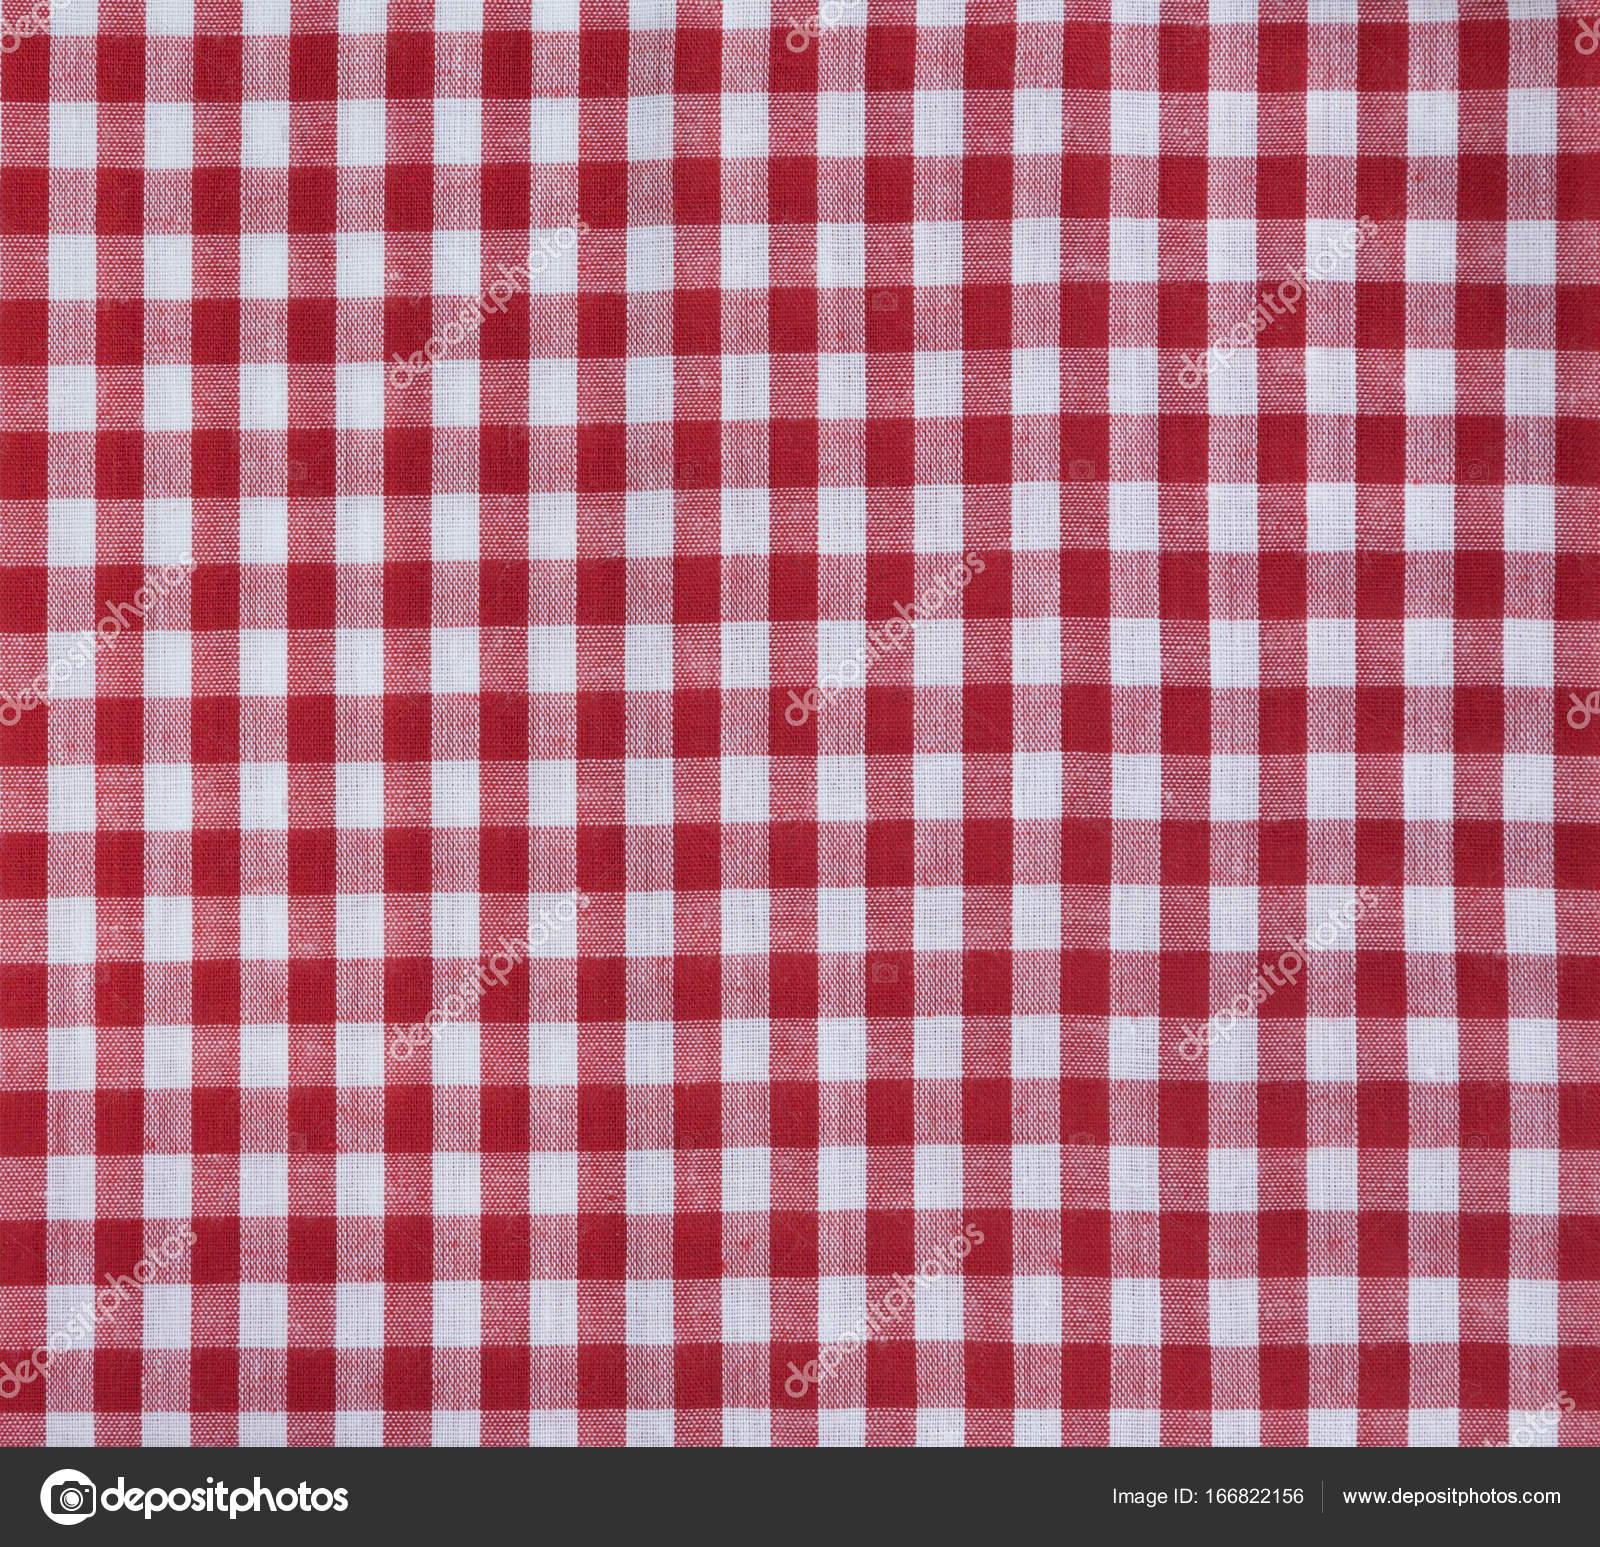 6d668a1de8 Textura xadrez tecido — Stock Photo © studio306stock #166822156